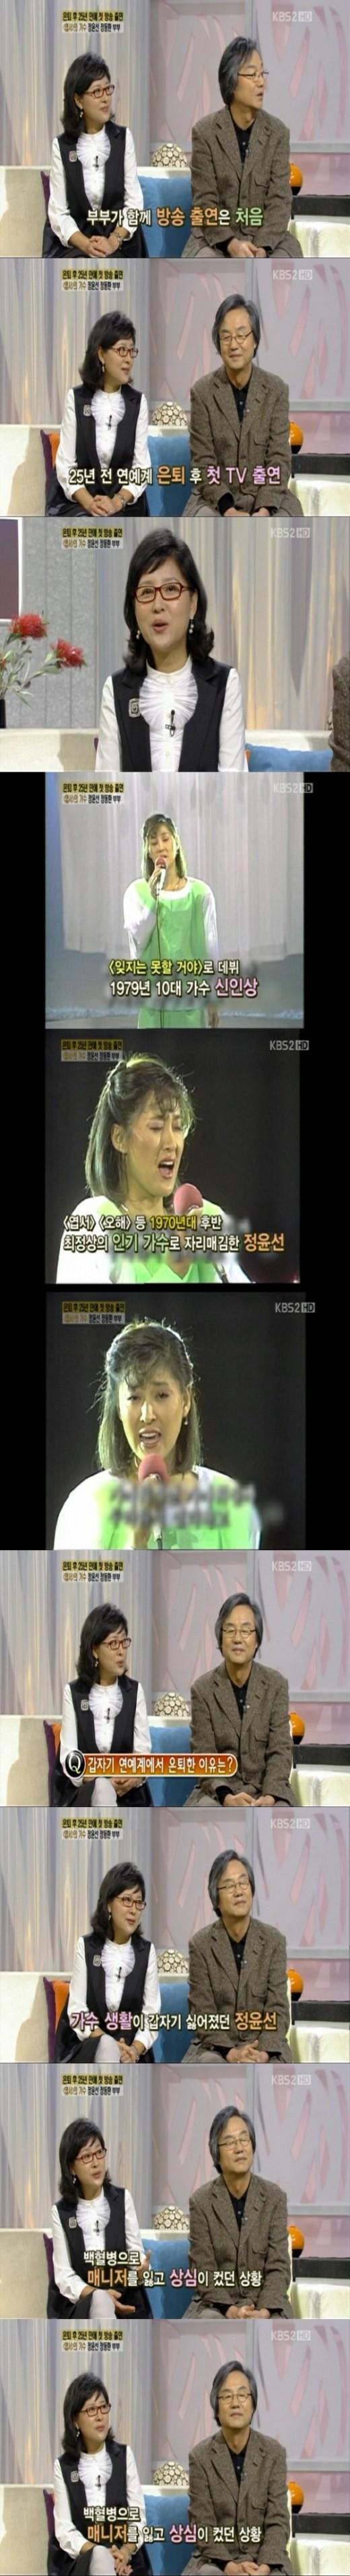 정동환 아내 정윤선, 은퇴후 25년 만에 방송출연